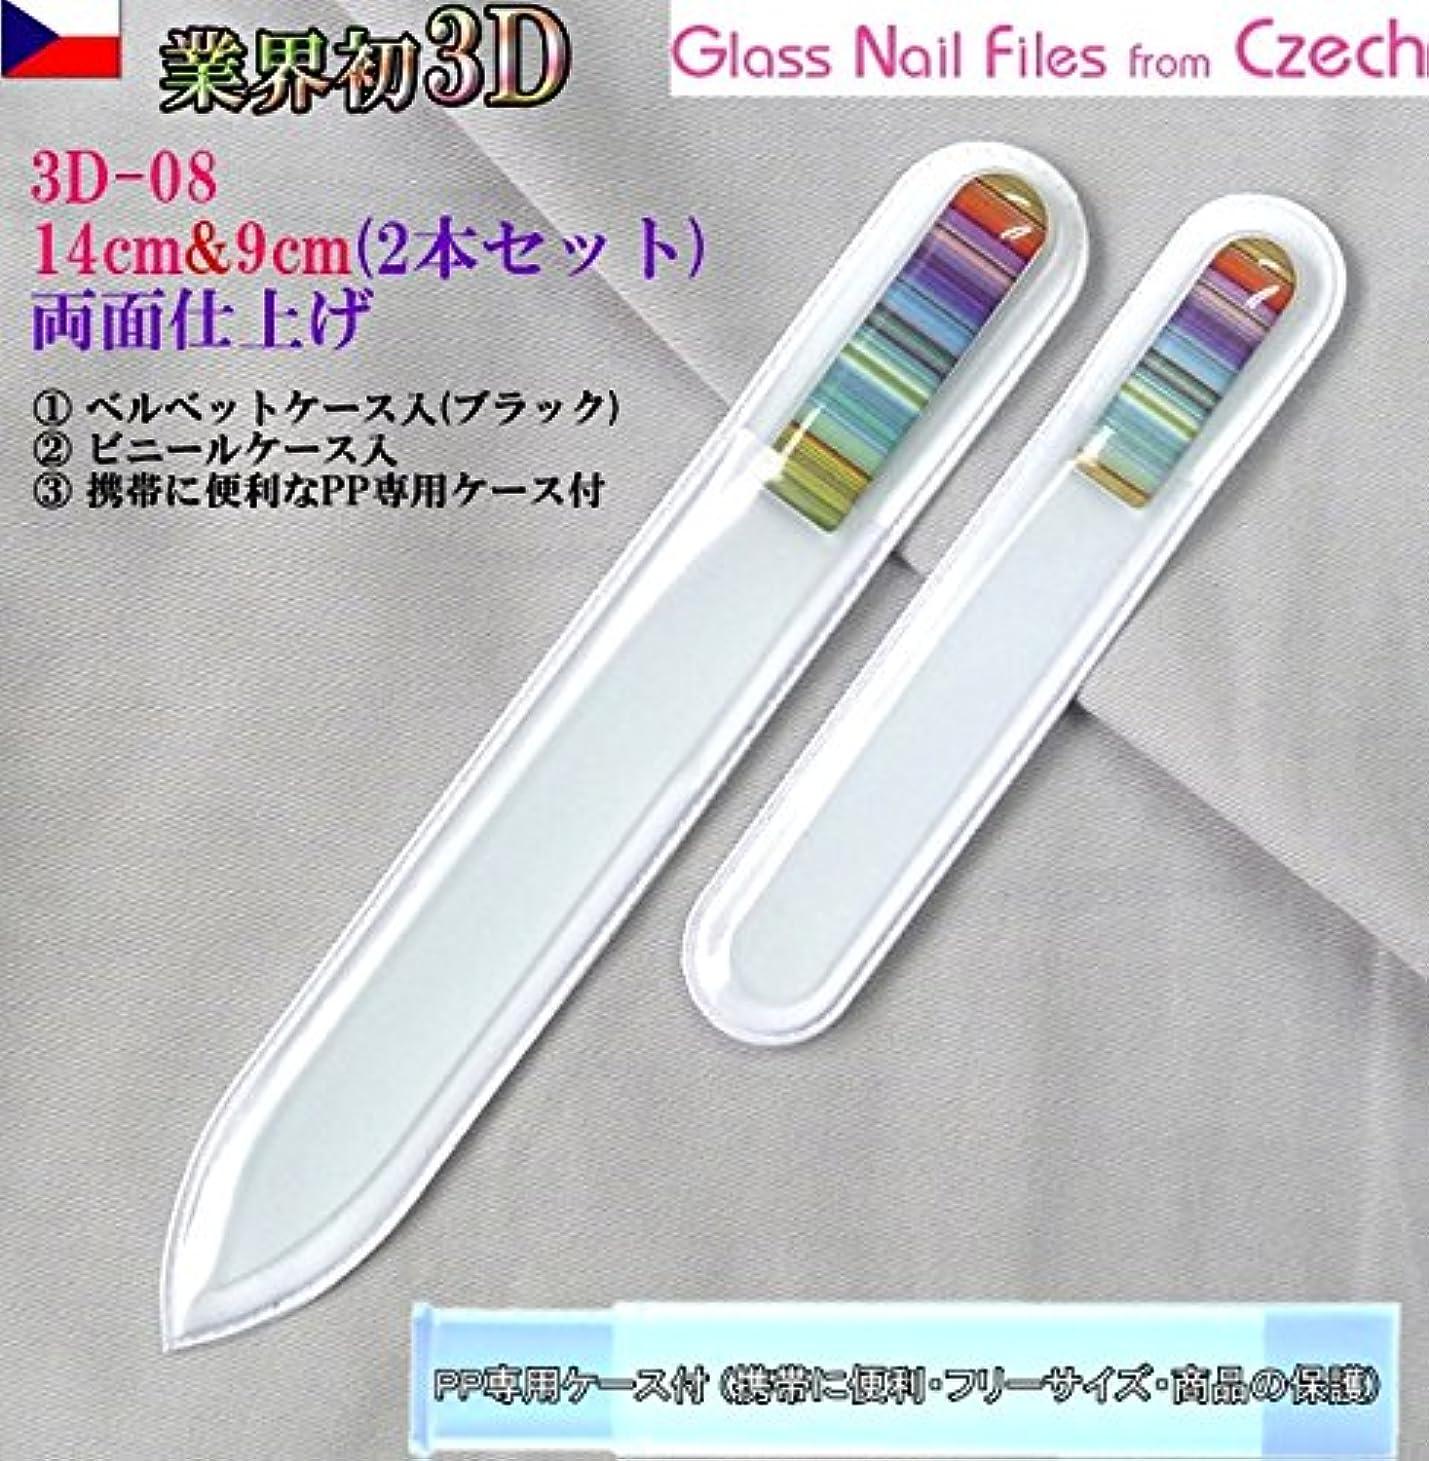 血色の良い連合コイルBISON 3D チェコ製ガラス爪ヤスリ 2Pセット M08&S08各両面仕上げ ?専用ケース付